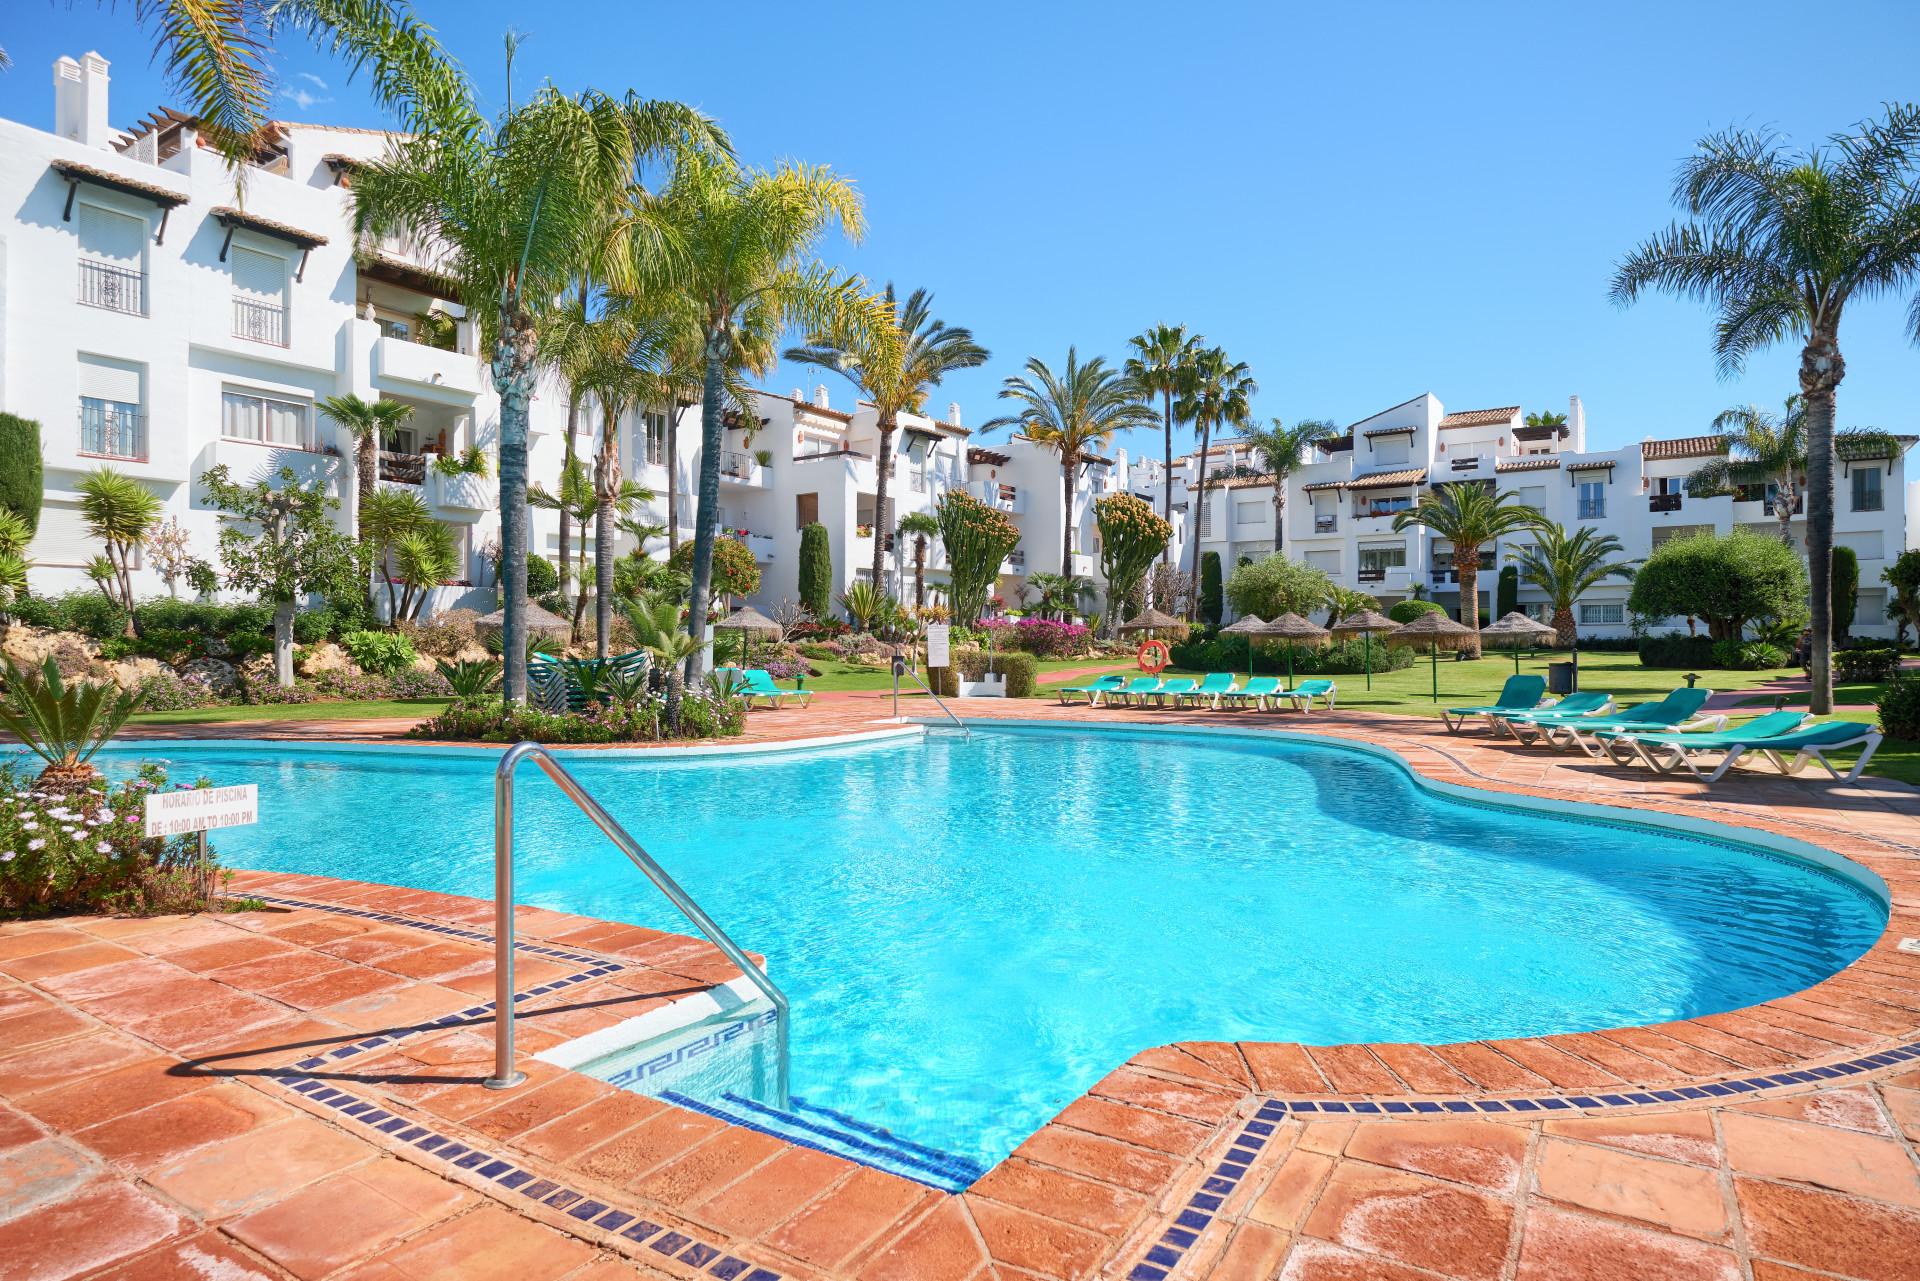 ARFA1325-285 - Modernisierte Strandwohnung in Costalita bei Estepona zu verkaufen